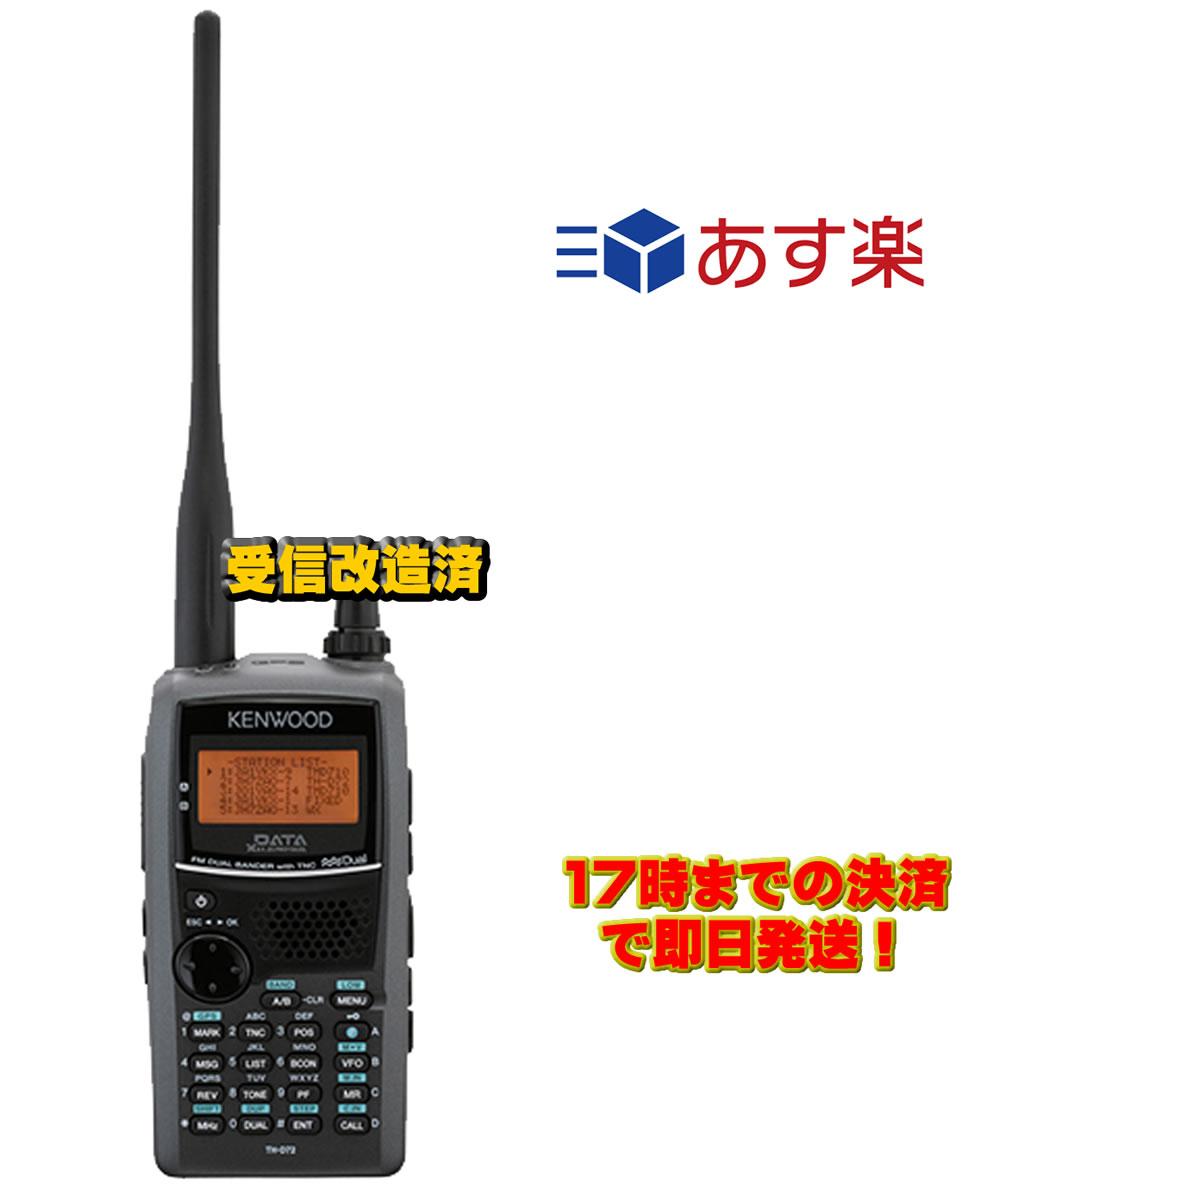 【ラッキーシール対応】 TH-D72(受信改造済) ケンウッド 144/430MHz FMデュアルバンダー 5W GPS内蔵のAPRS対応ハンディ